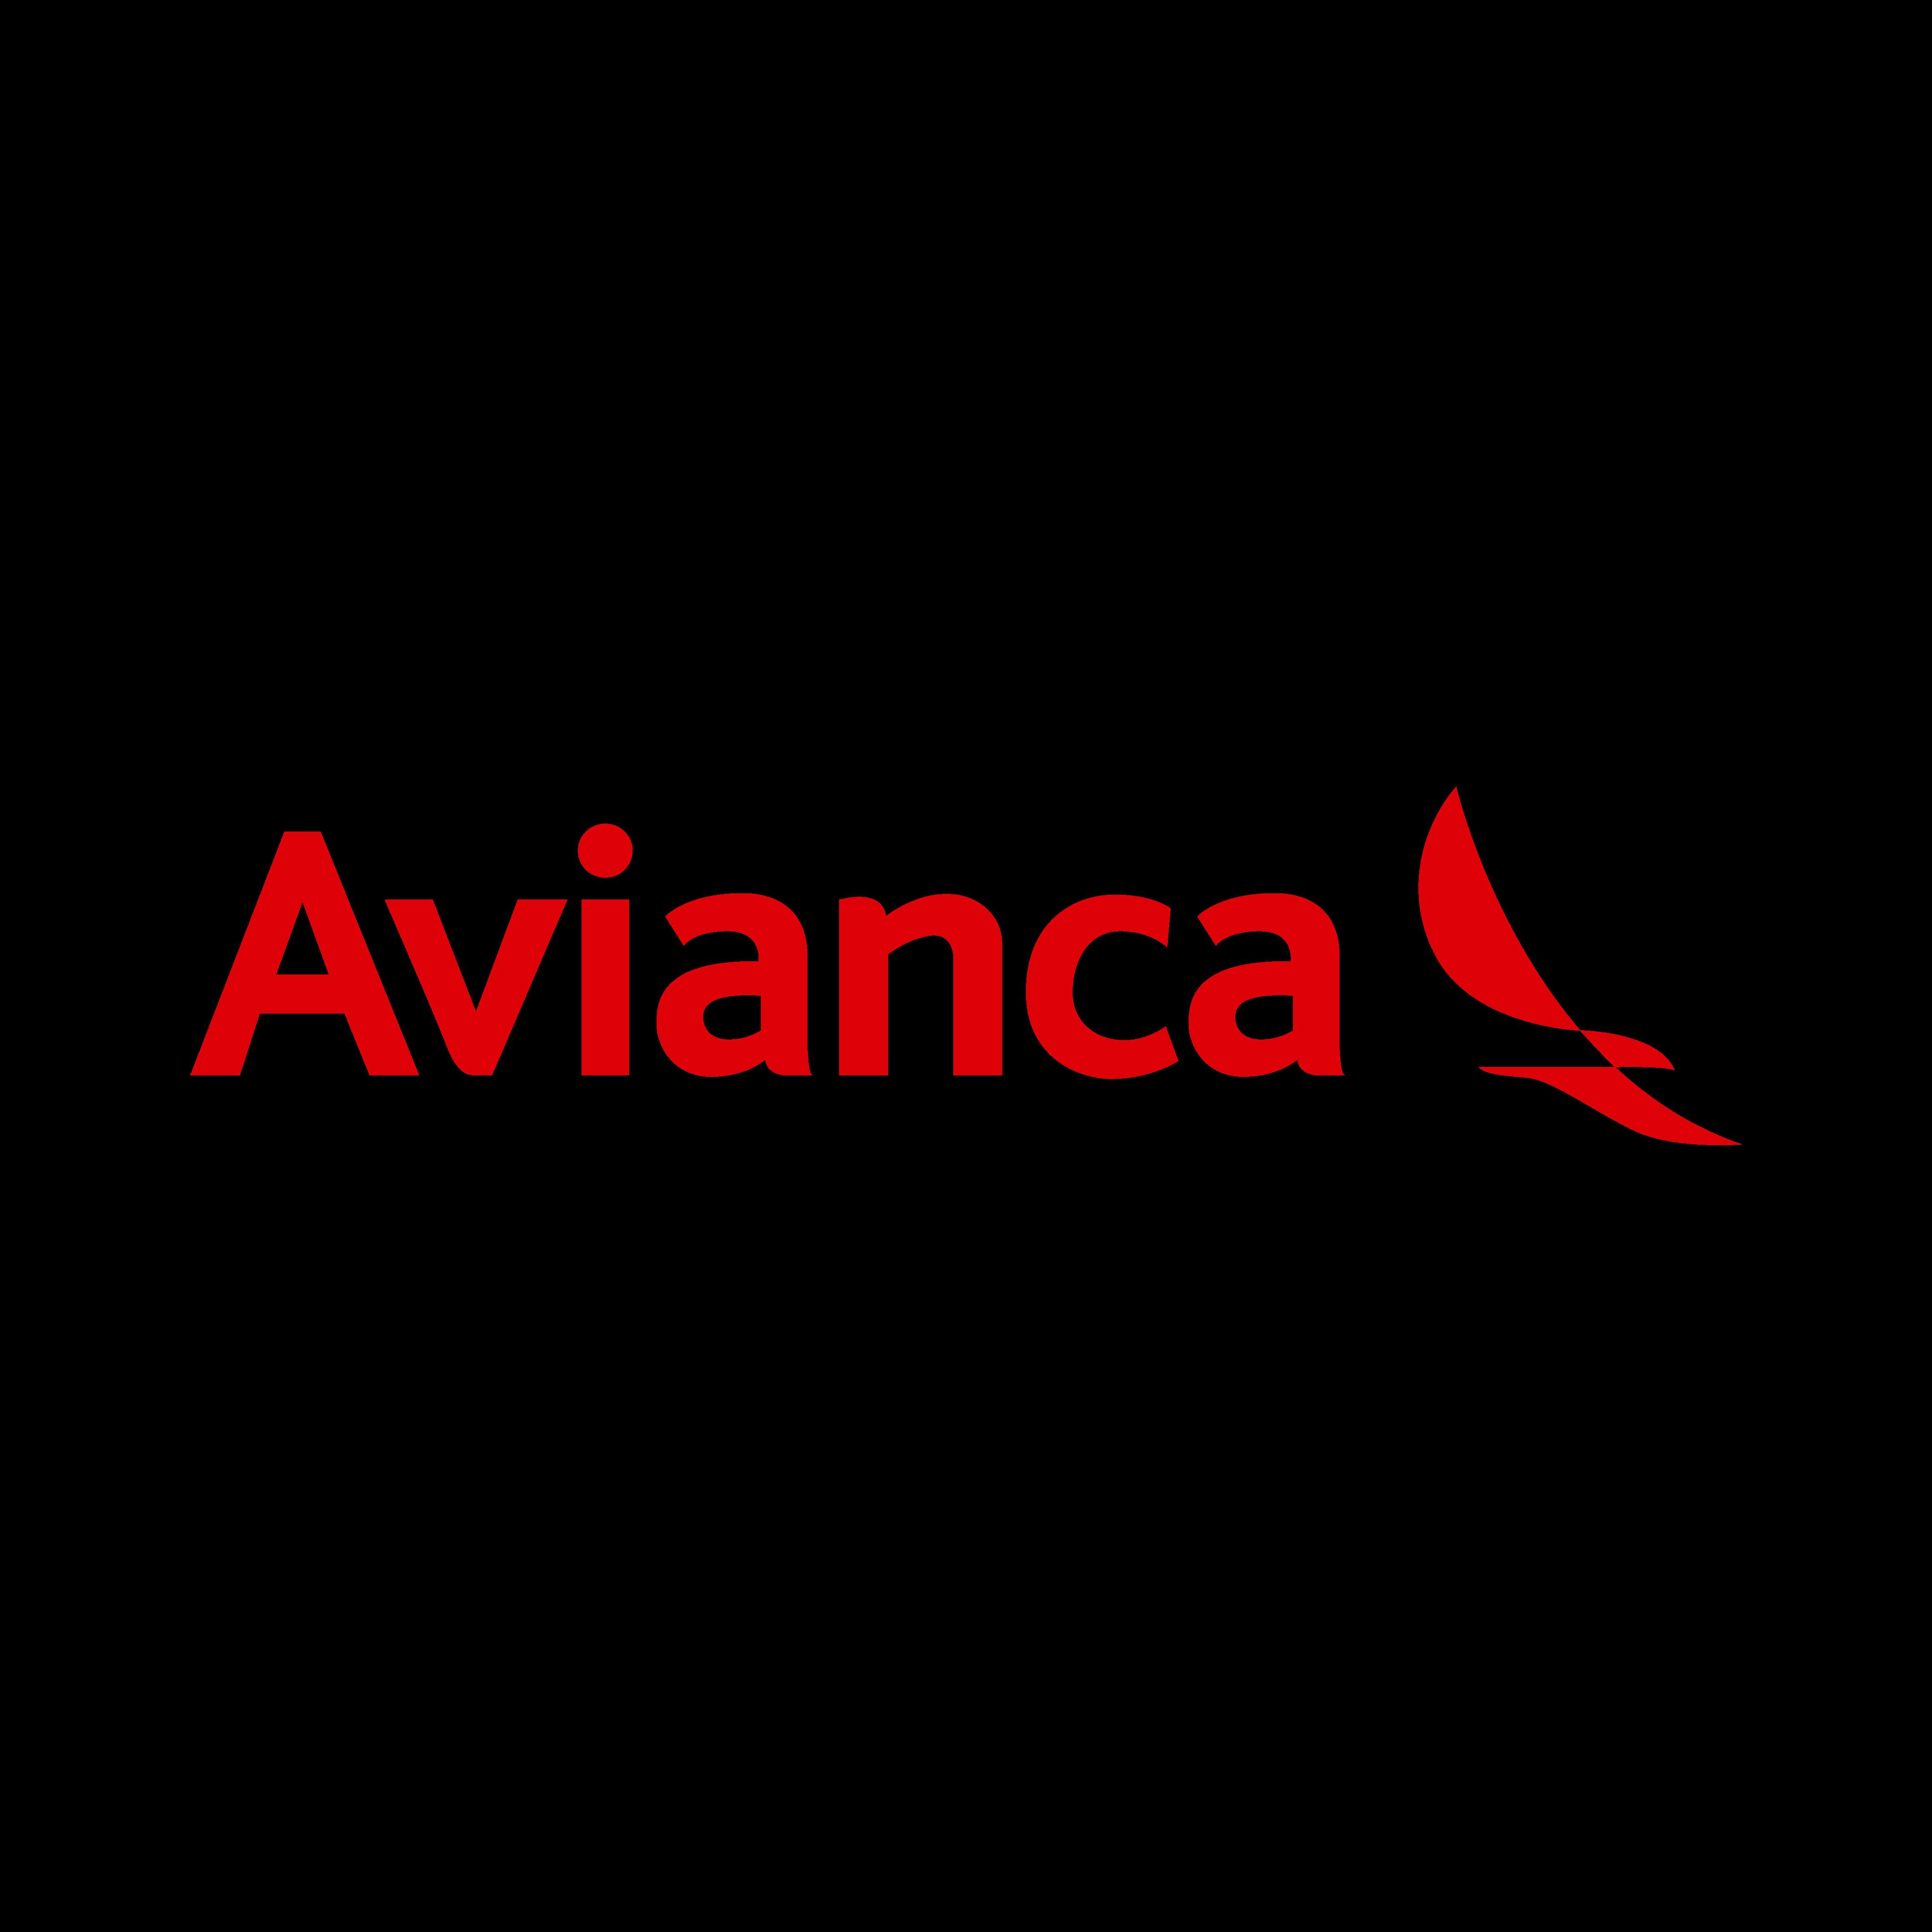 avianca logo 0 - Avianca Logo